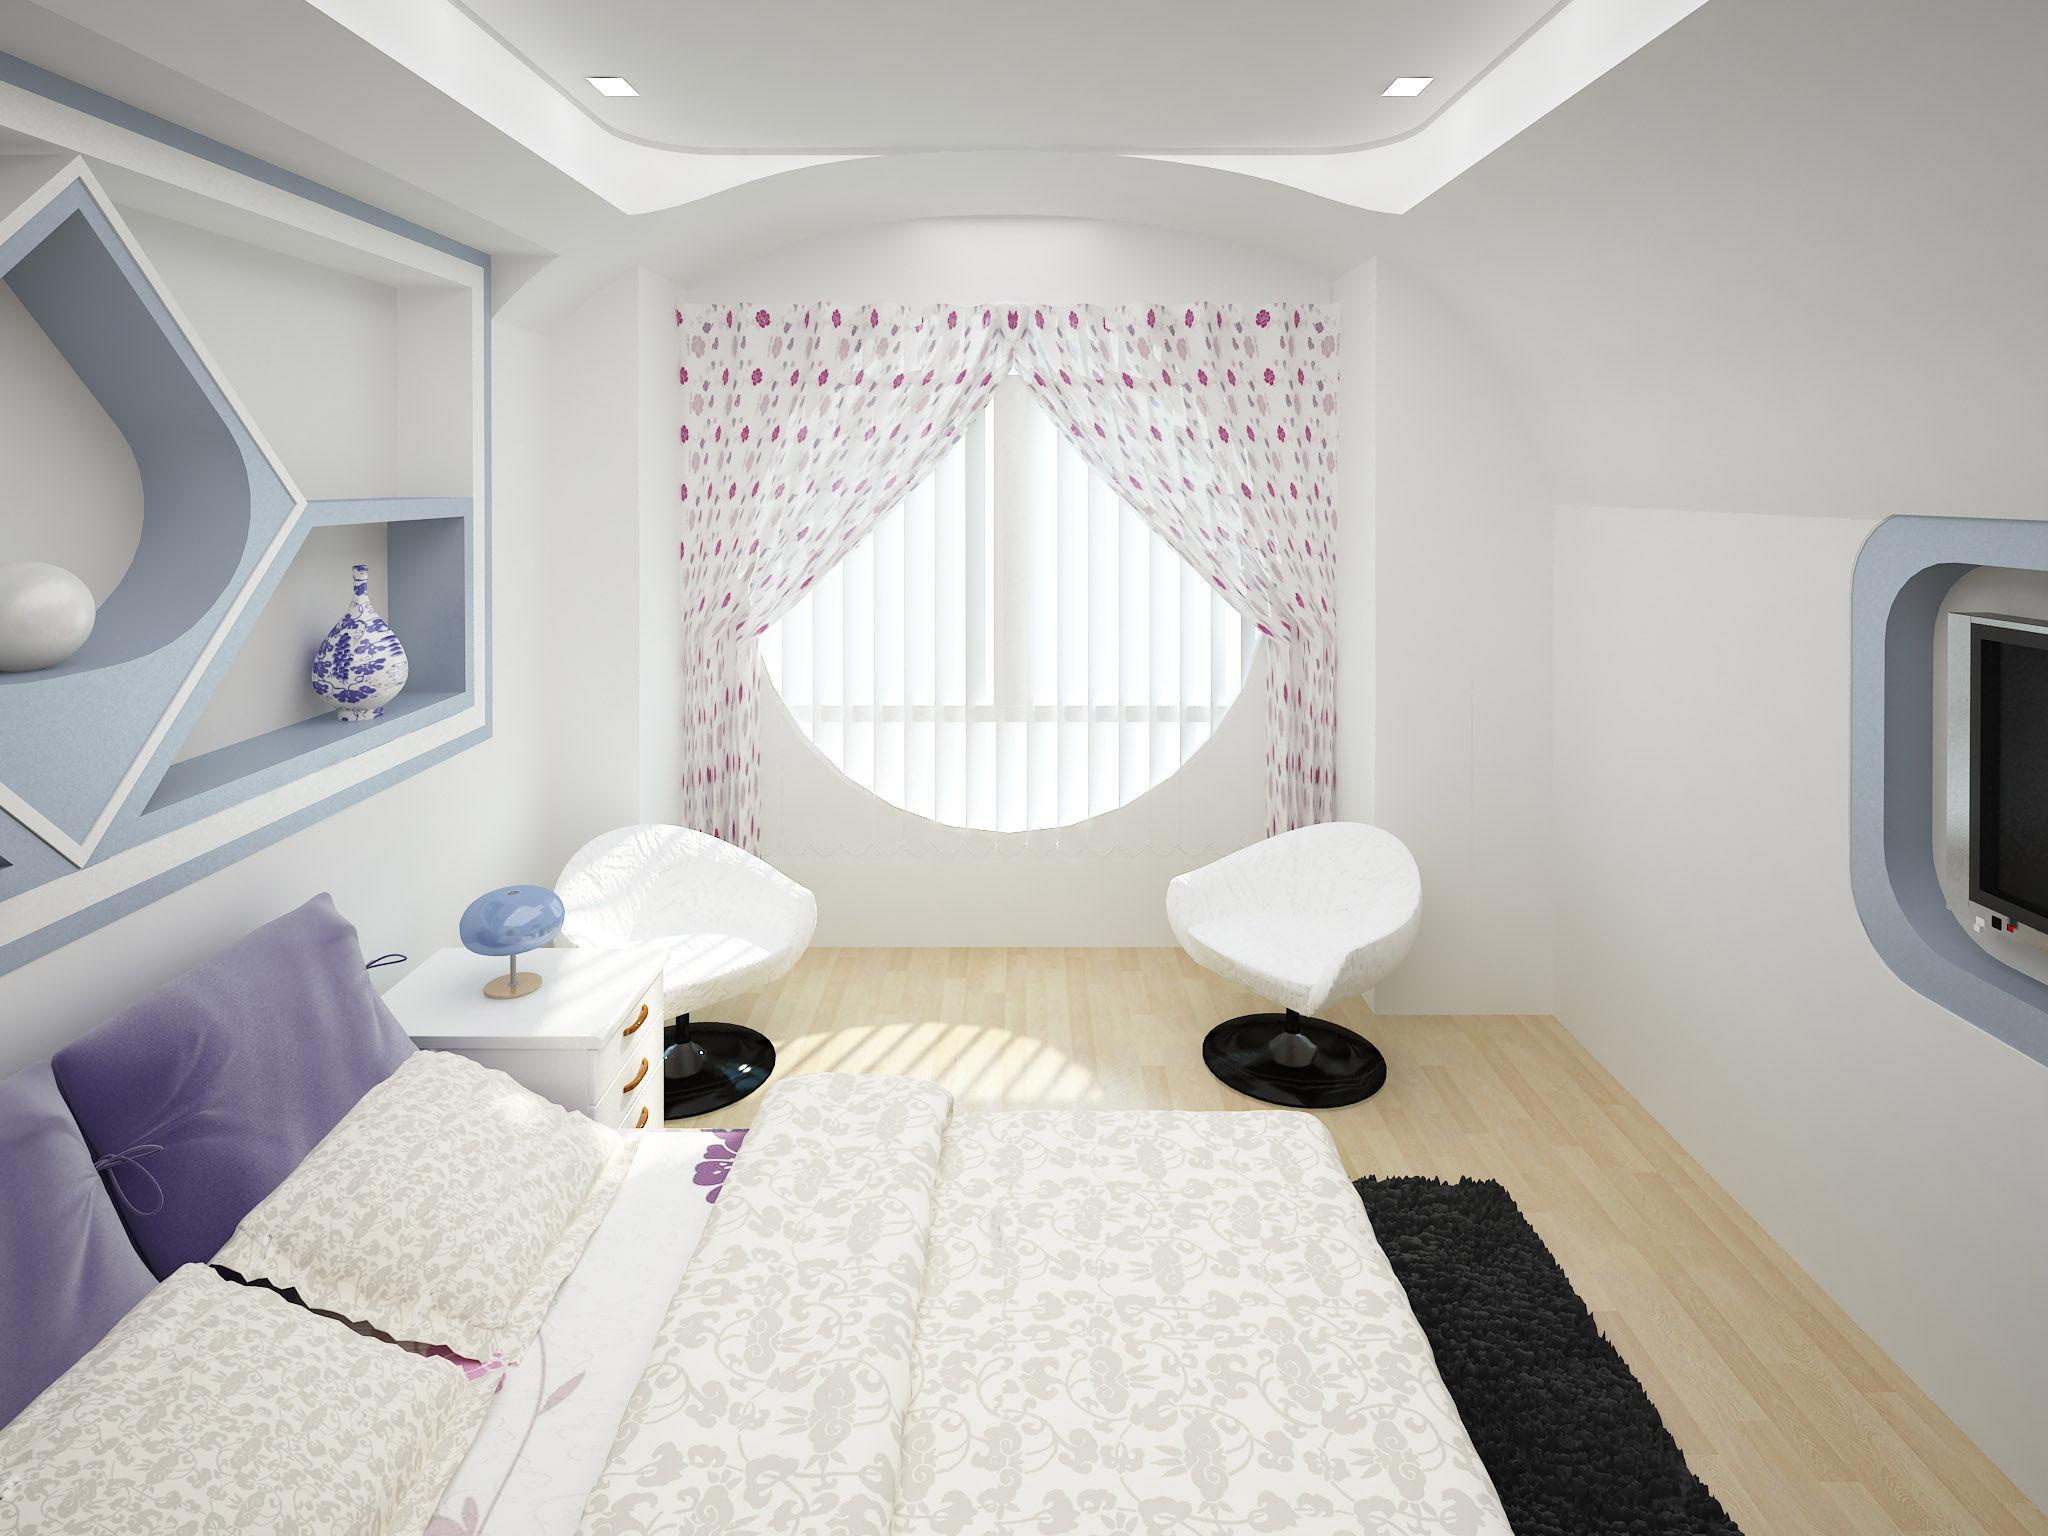 室内设计怎么样?室内设计的风格分类